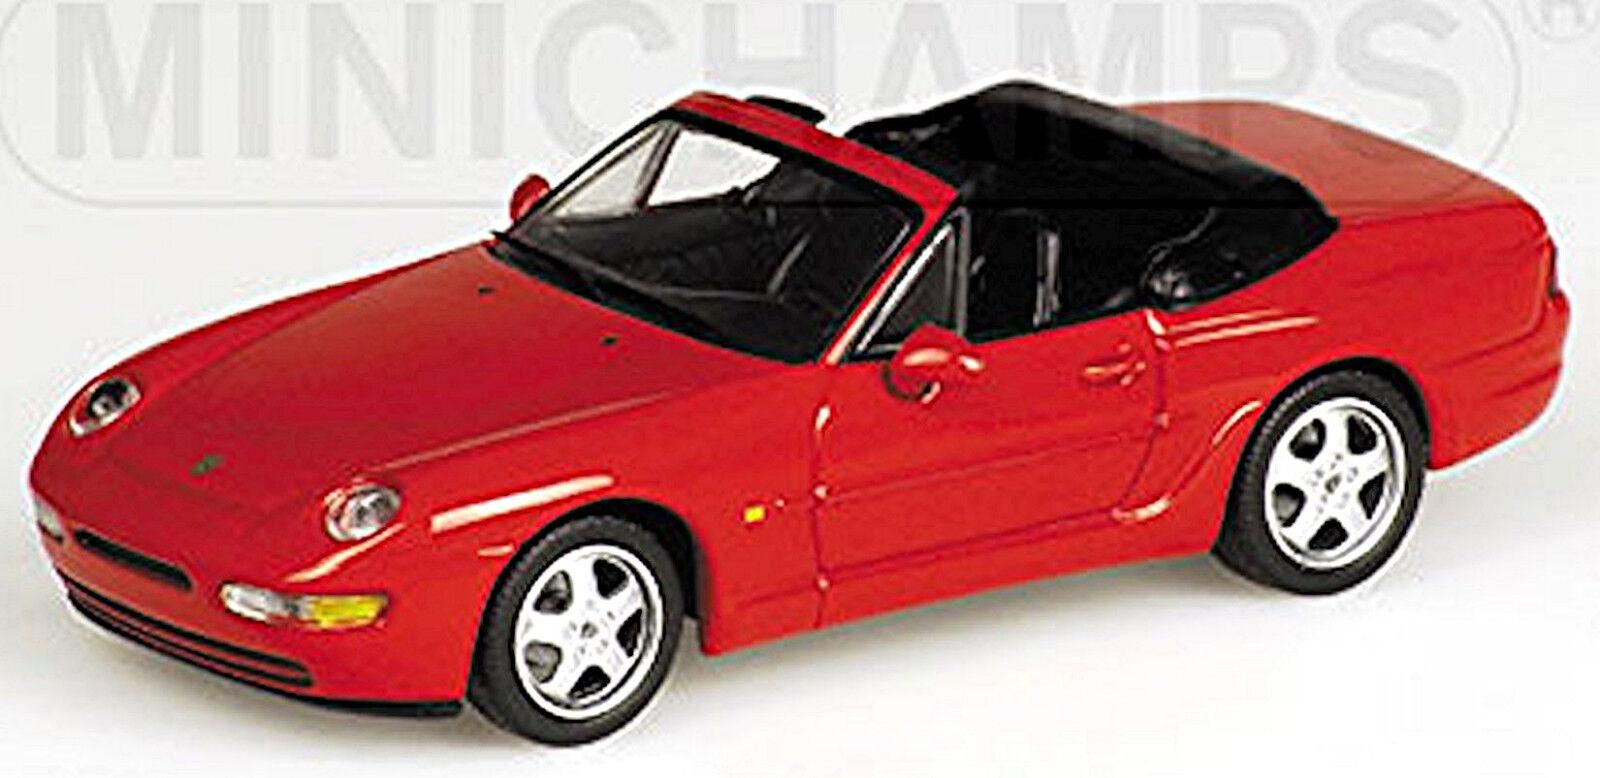 Porsche 968 Cabriolet 1991-95 Indischred red 1 43 Minichamps